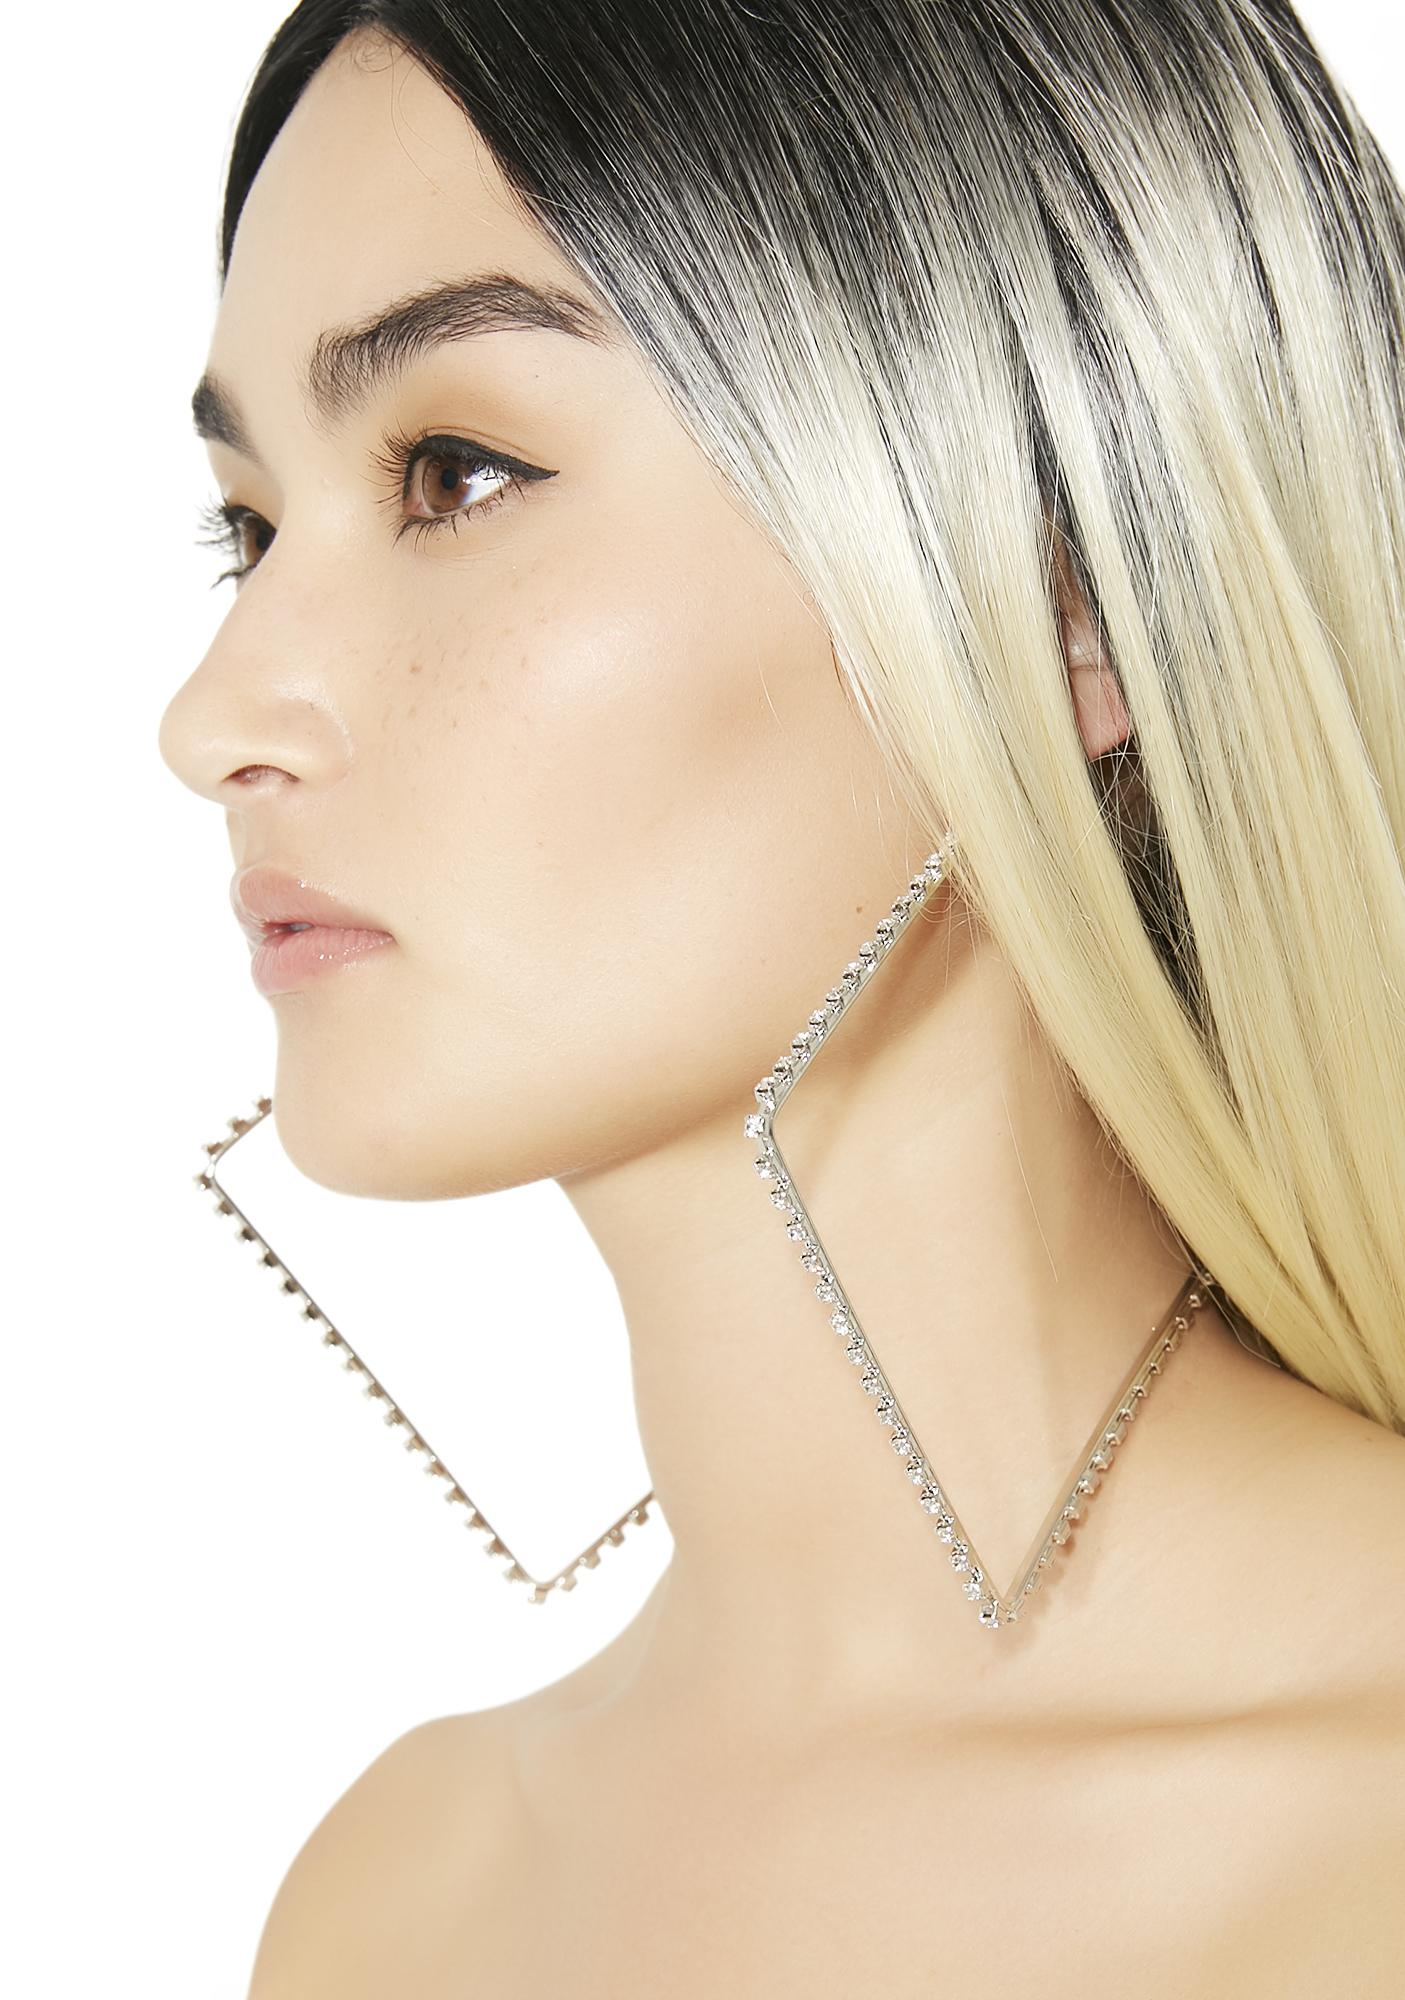 Xtravaganza Rhinestone Hoop Earrings